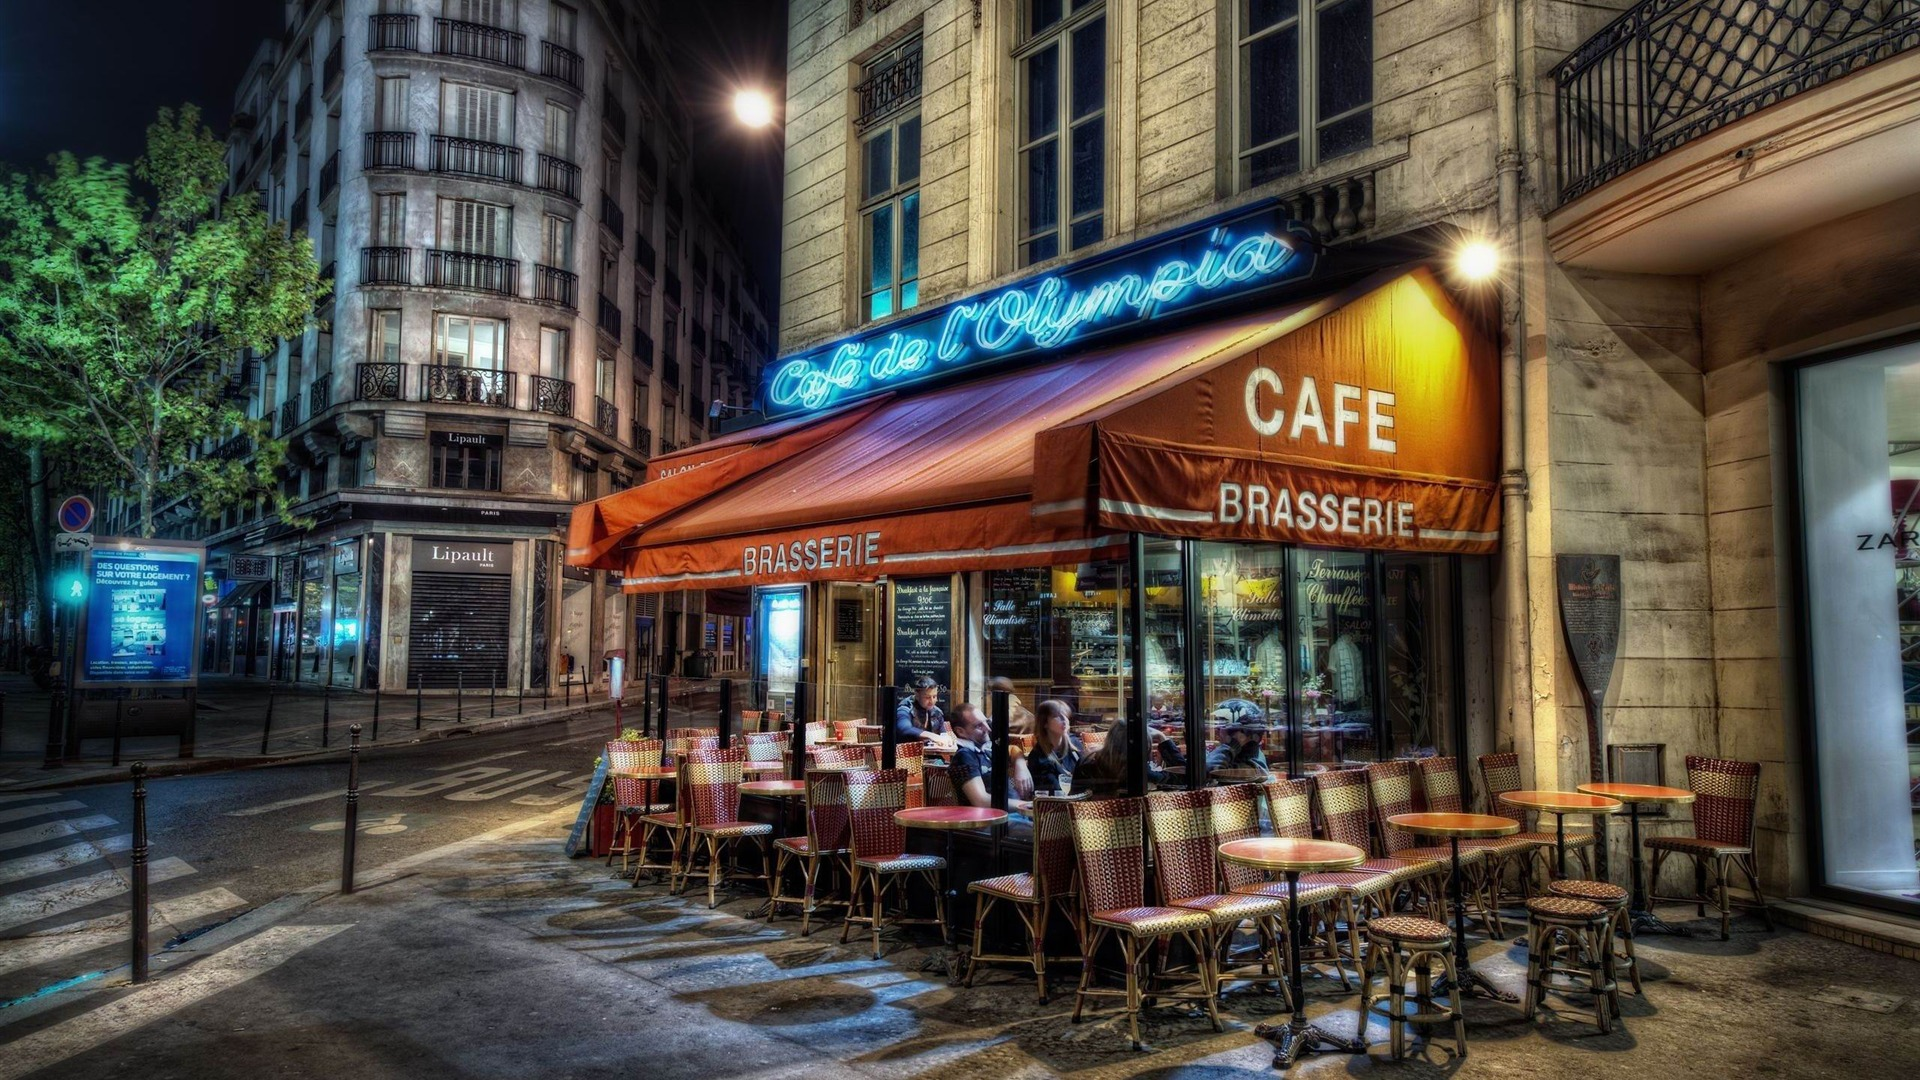 德国_咖啡馆巴黎-法国风景壁纸预览 | 10wallpaper.com